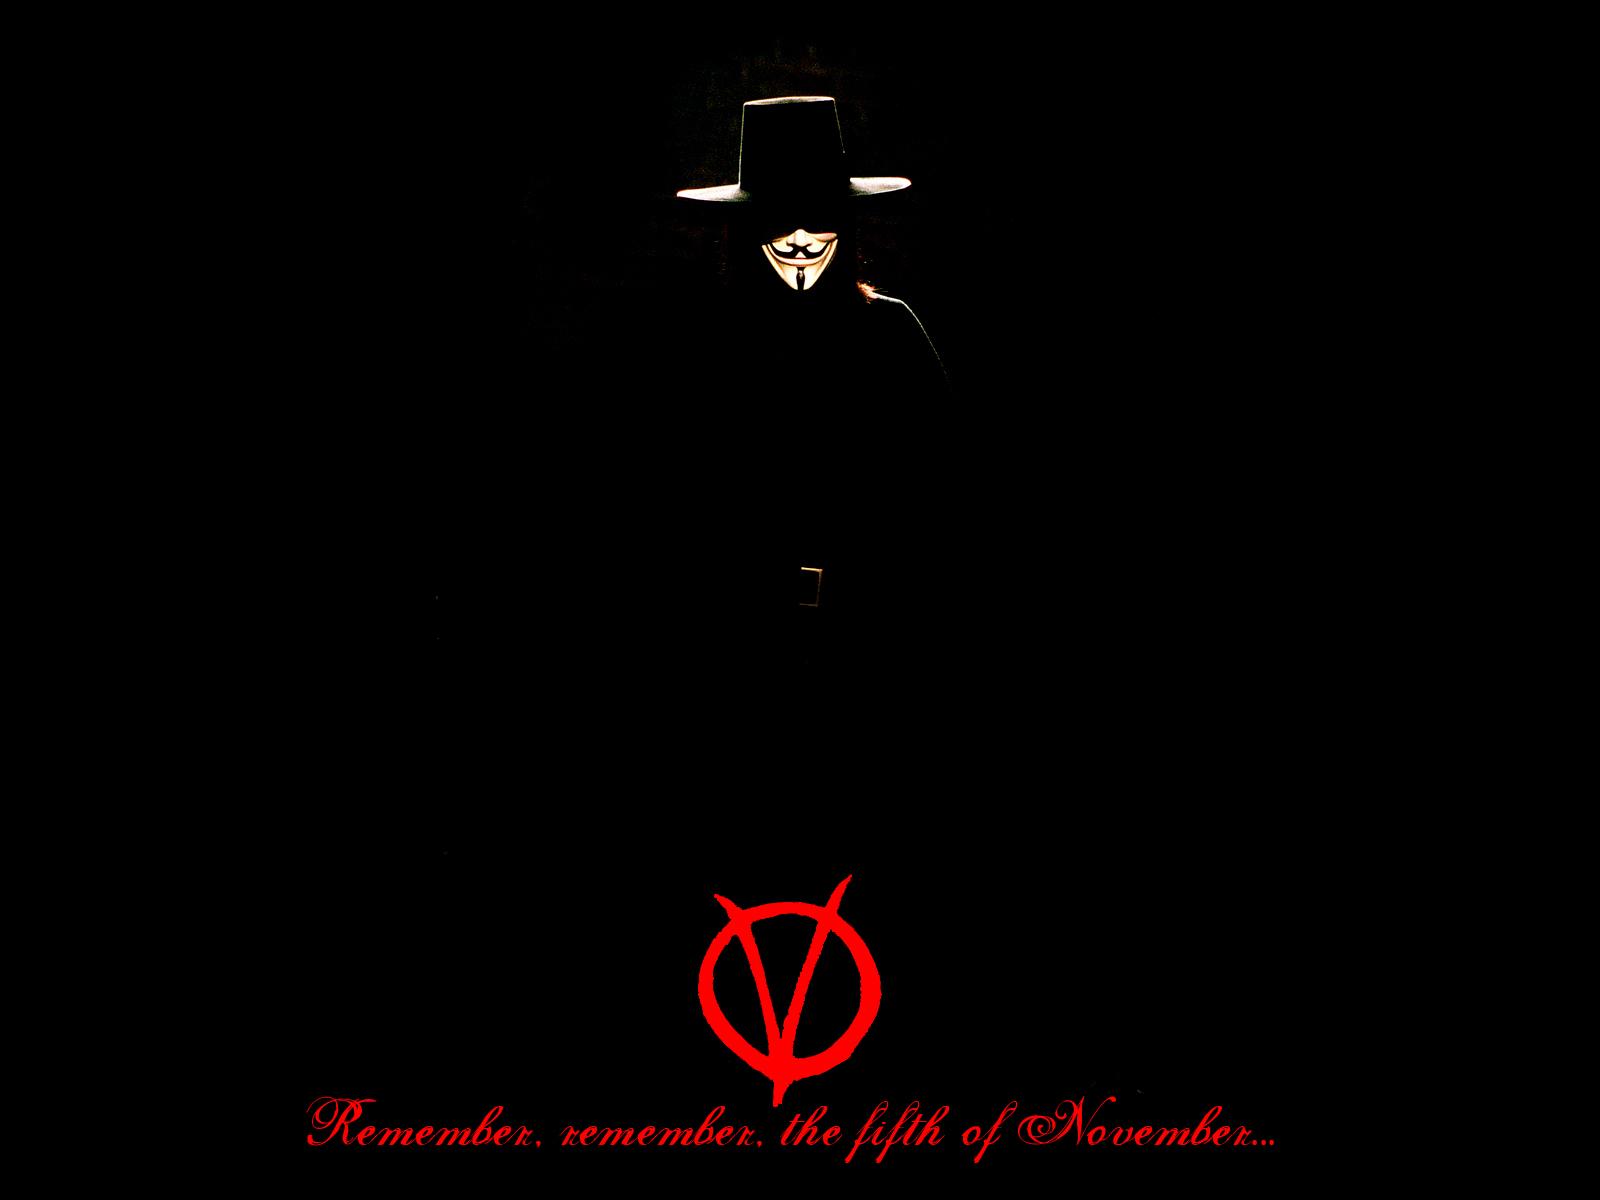 v for vendetta rose wallpaper - photo #13